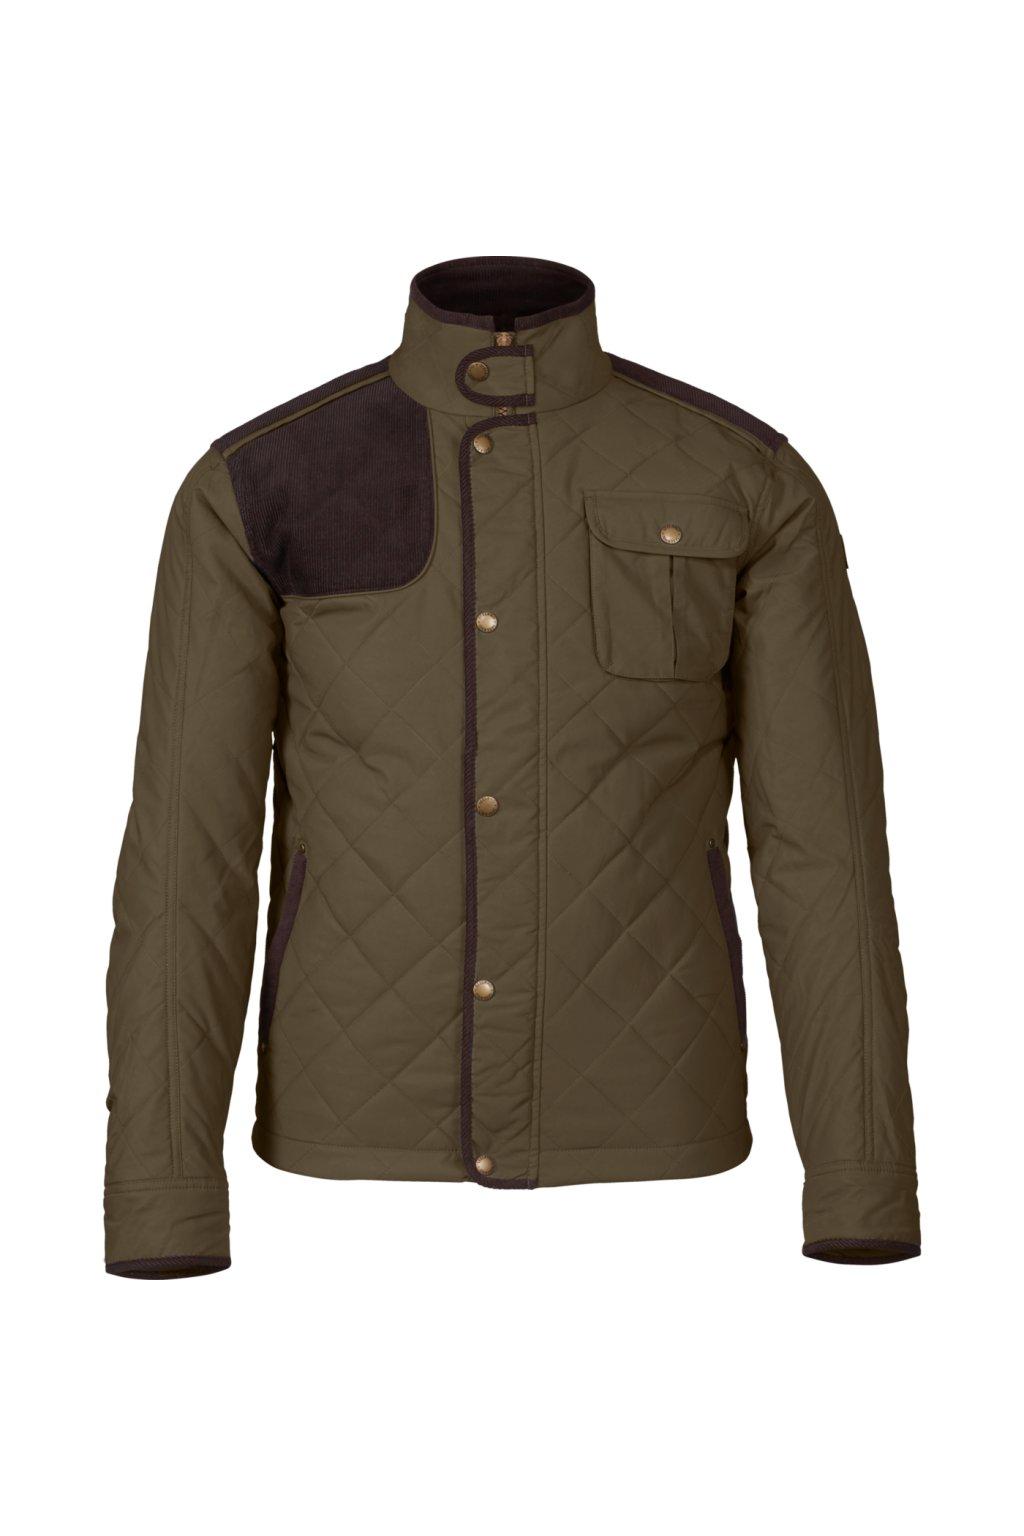 Seeland - Woodcock Advanced quilt bunda pánská